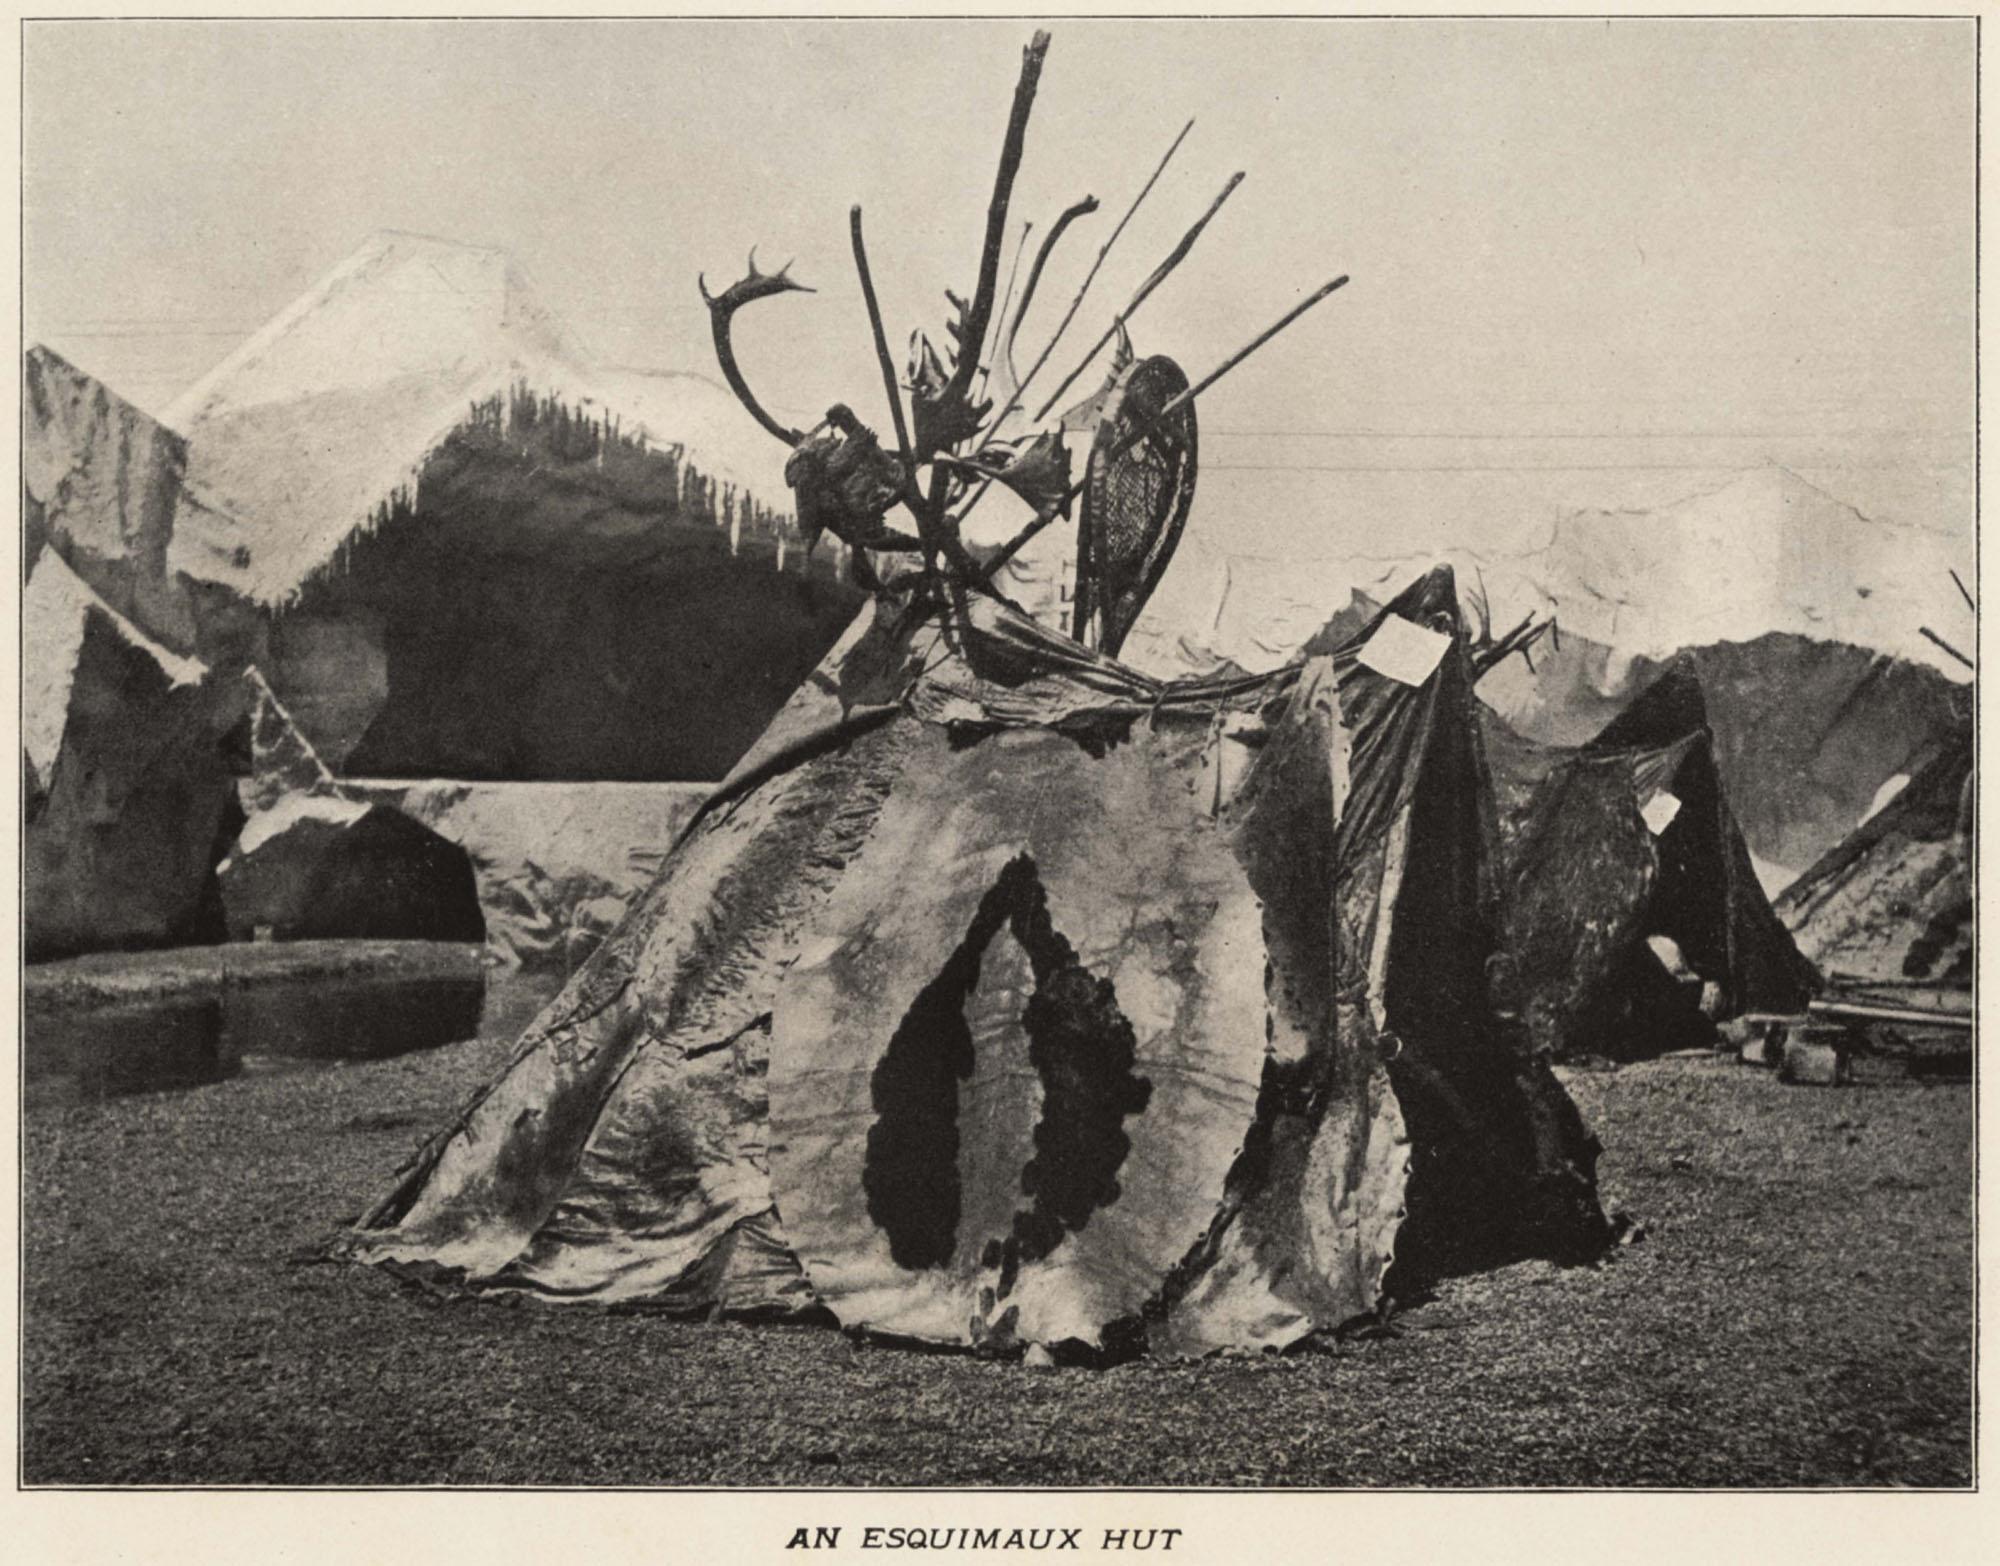 Esquimax Hut